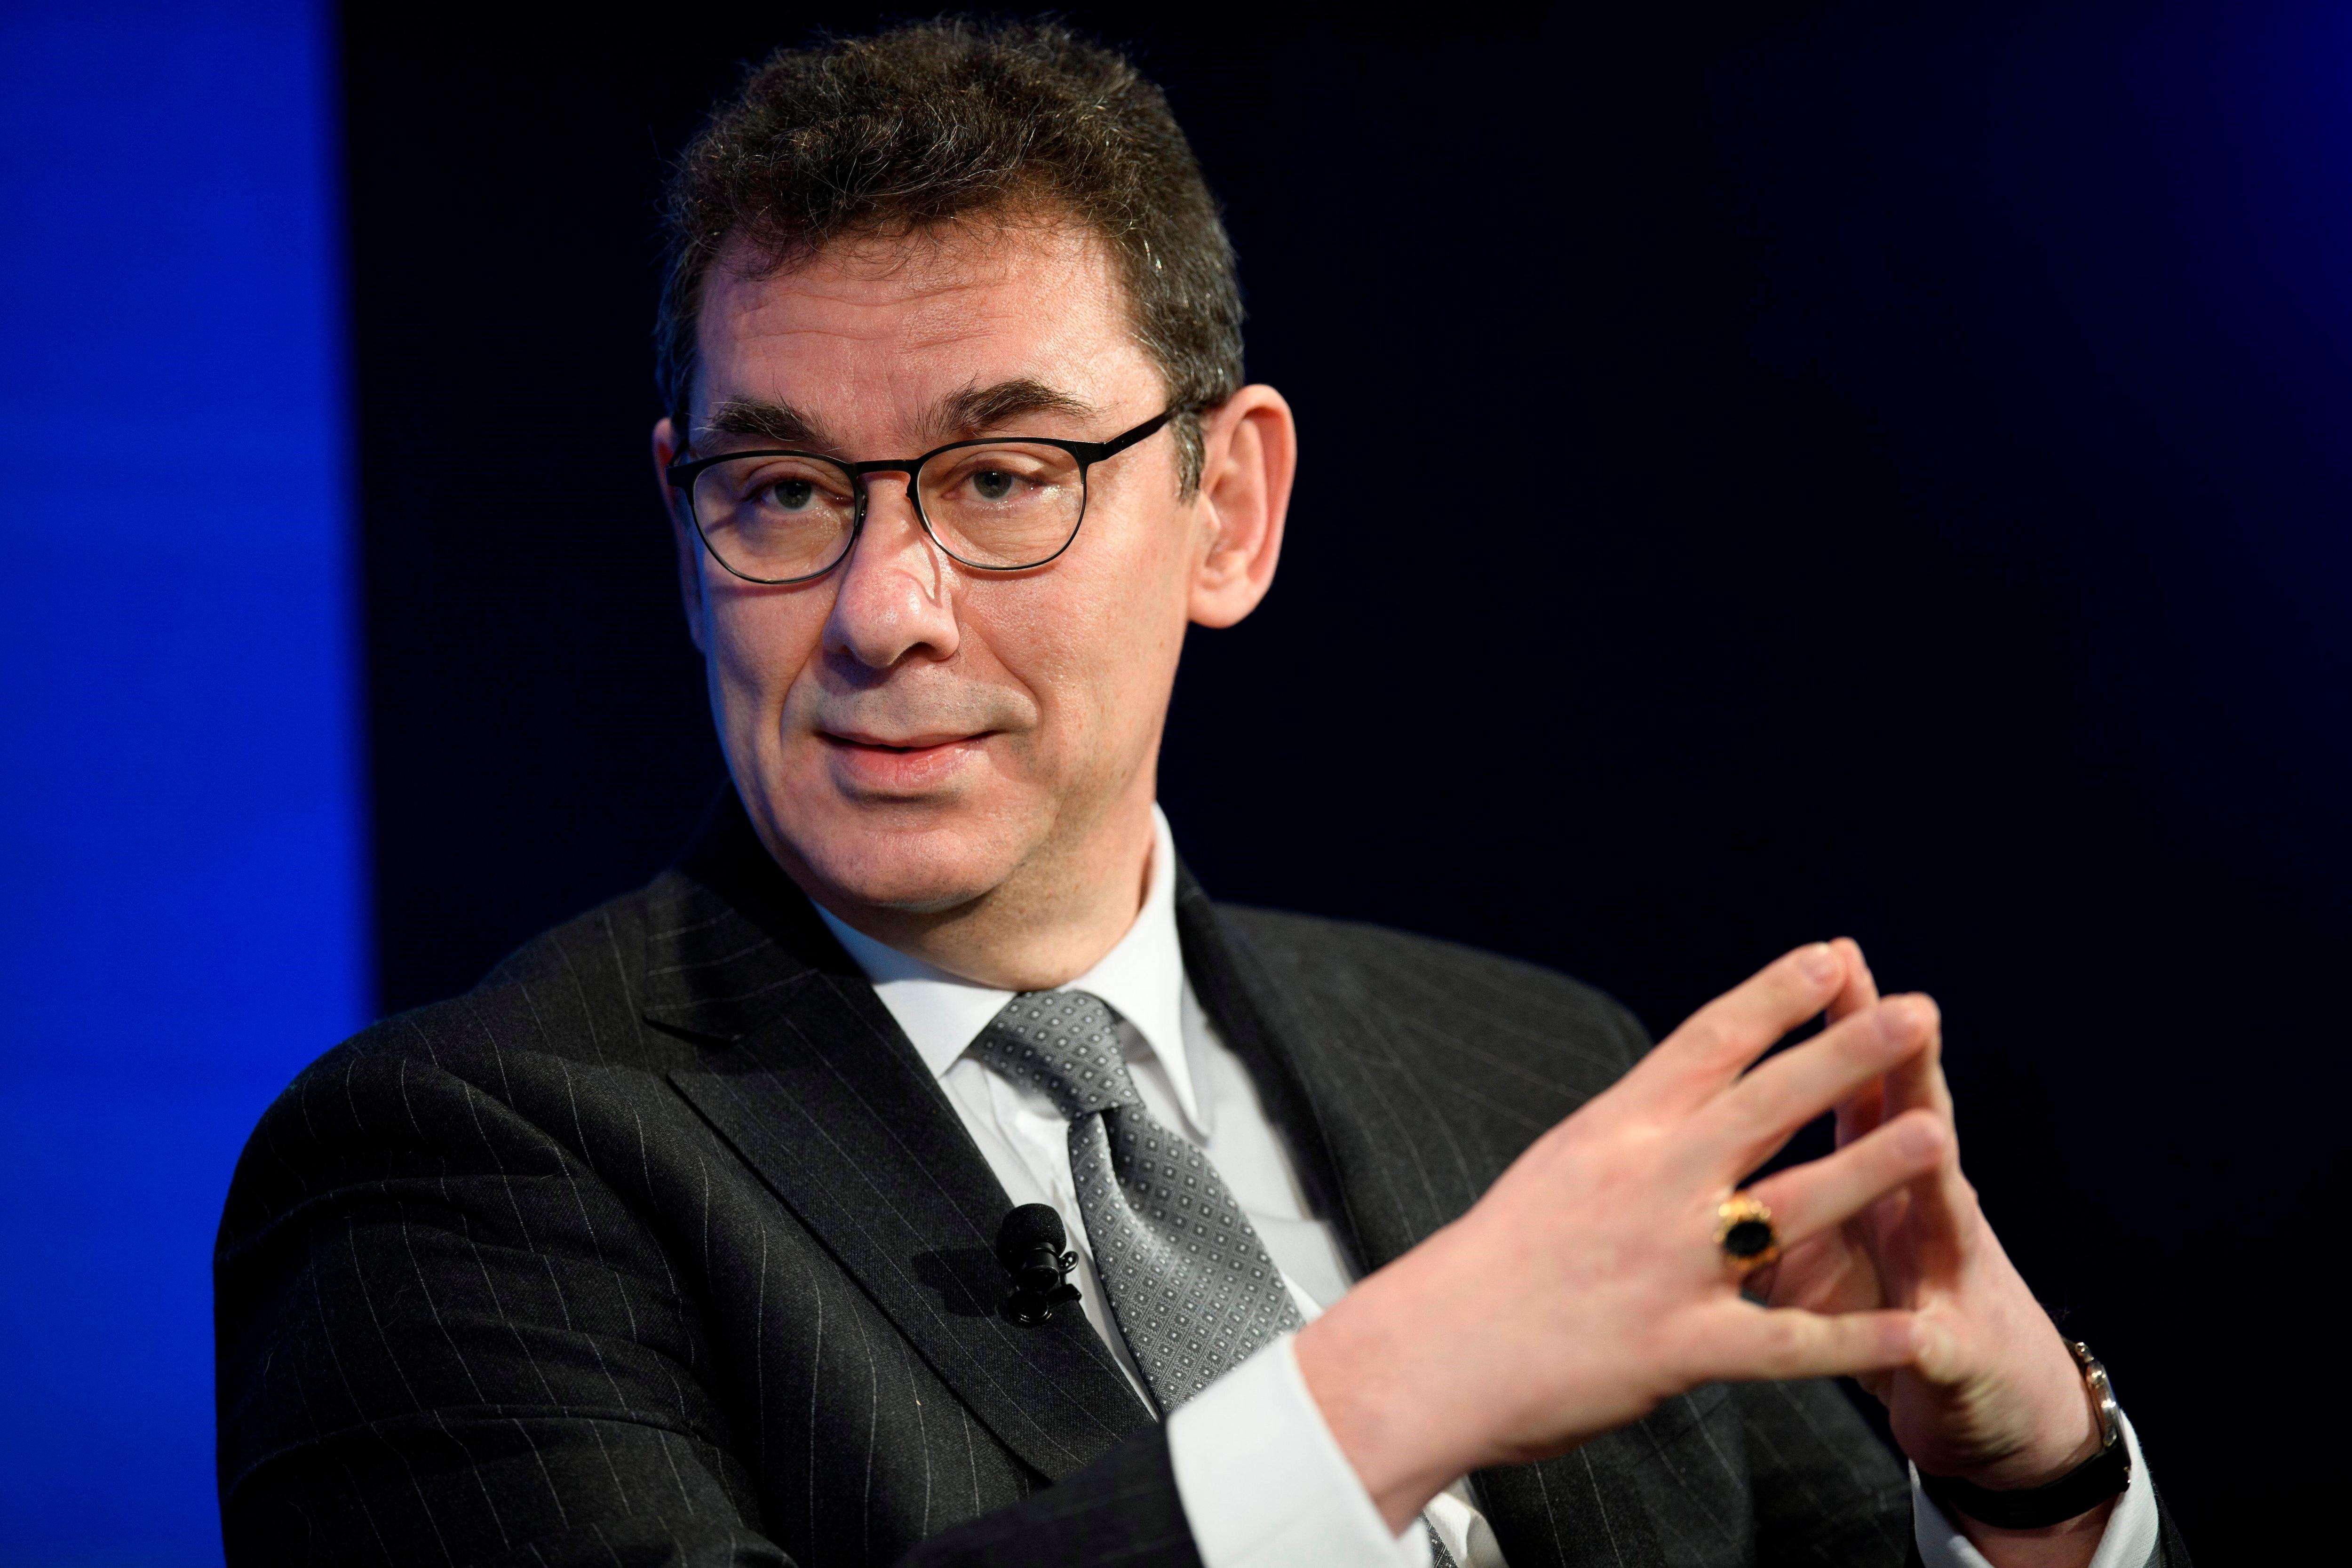 El CEO de Pfizer, Albert Bourla, cree que suspender patentes creará problemas de suministro. EFE/ Gian Ehrenzeller/Archivo